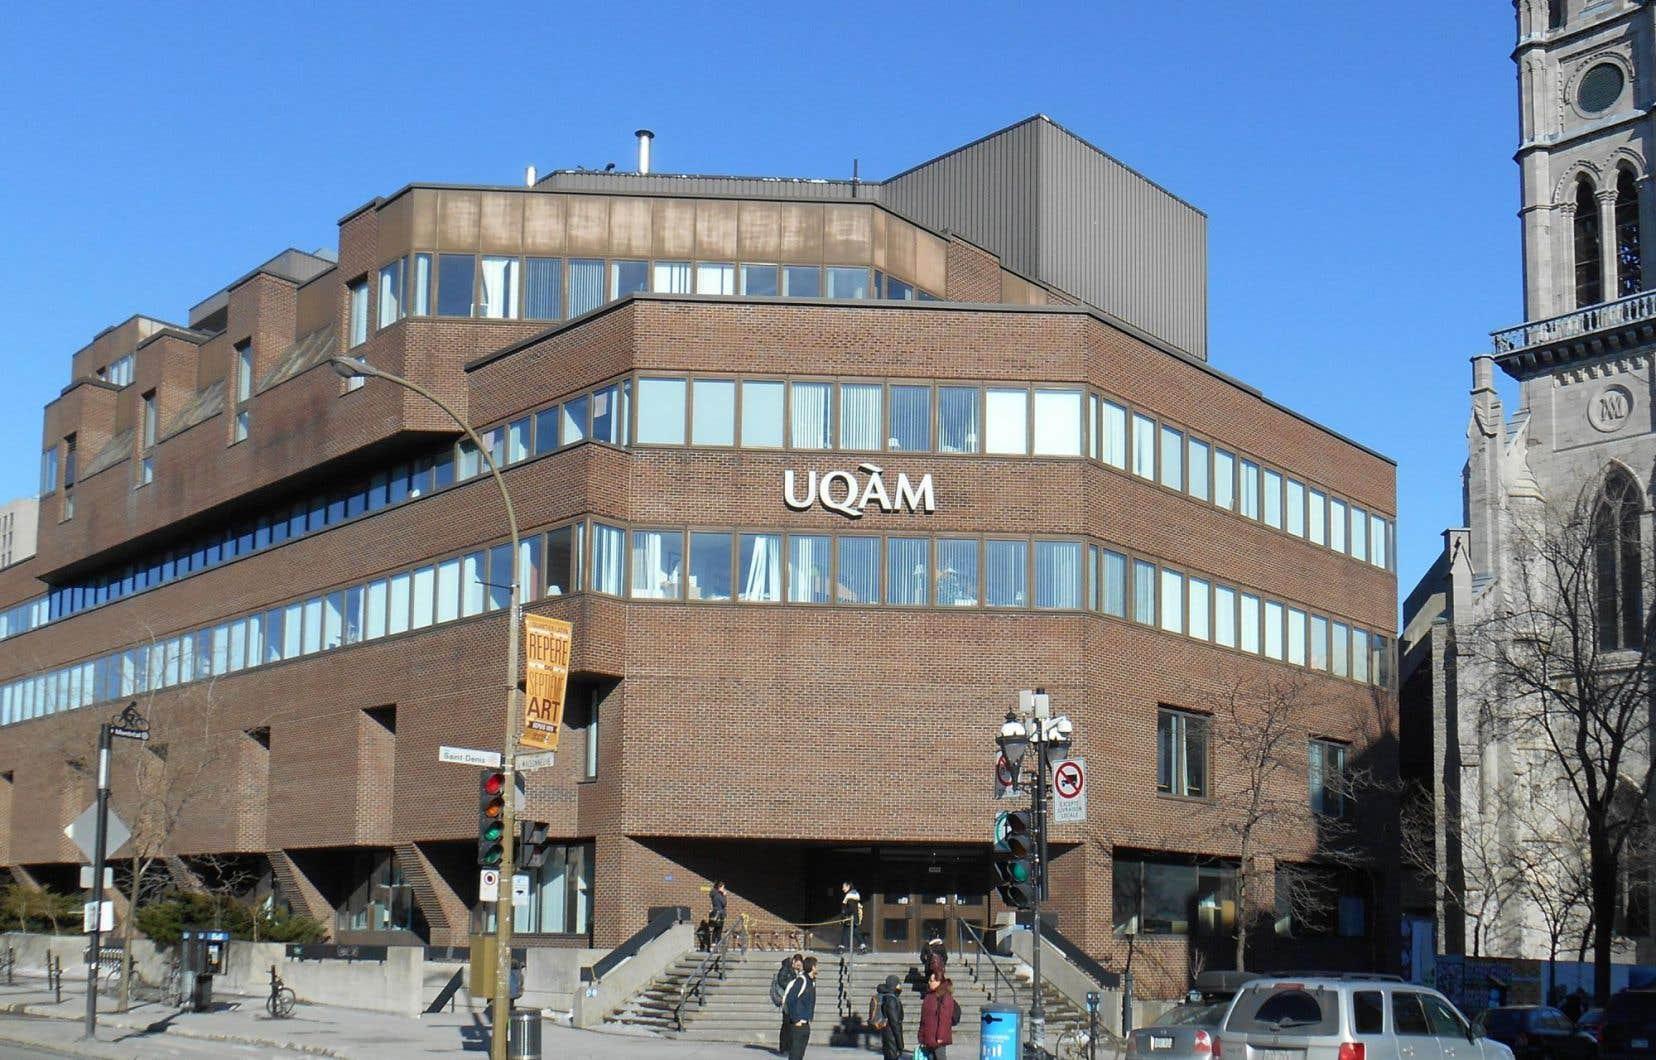 Les professeurs de l'UQAM sont sans convention collective depuis le 31 mai 2013.